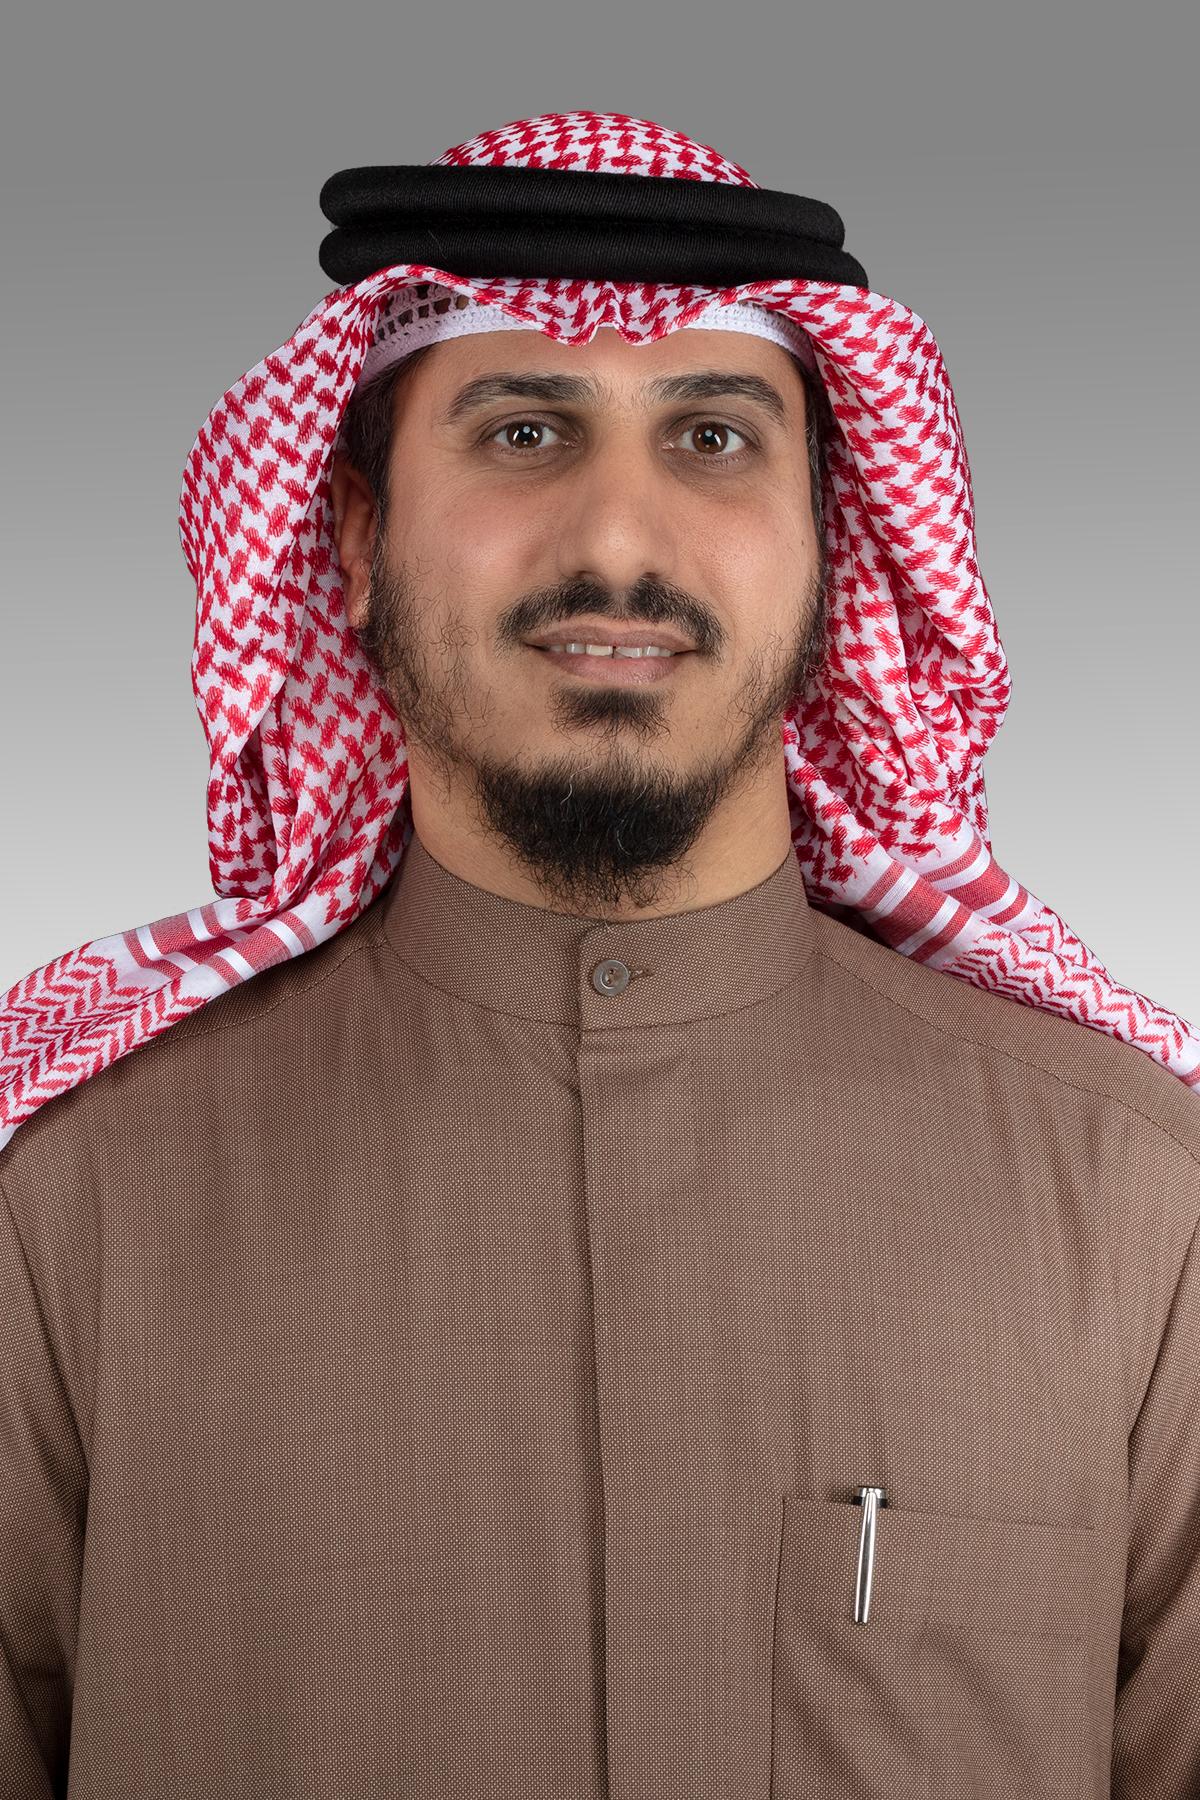 الداهوم يسأل وزير (شؤون مجلس الوزراء) عن الأحكام القضائية النهائية التي صدرت ضد الجهات التي تخضع لإشرافه